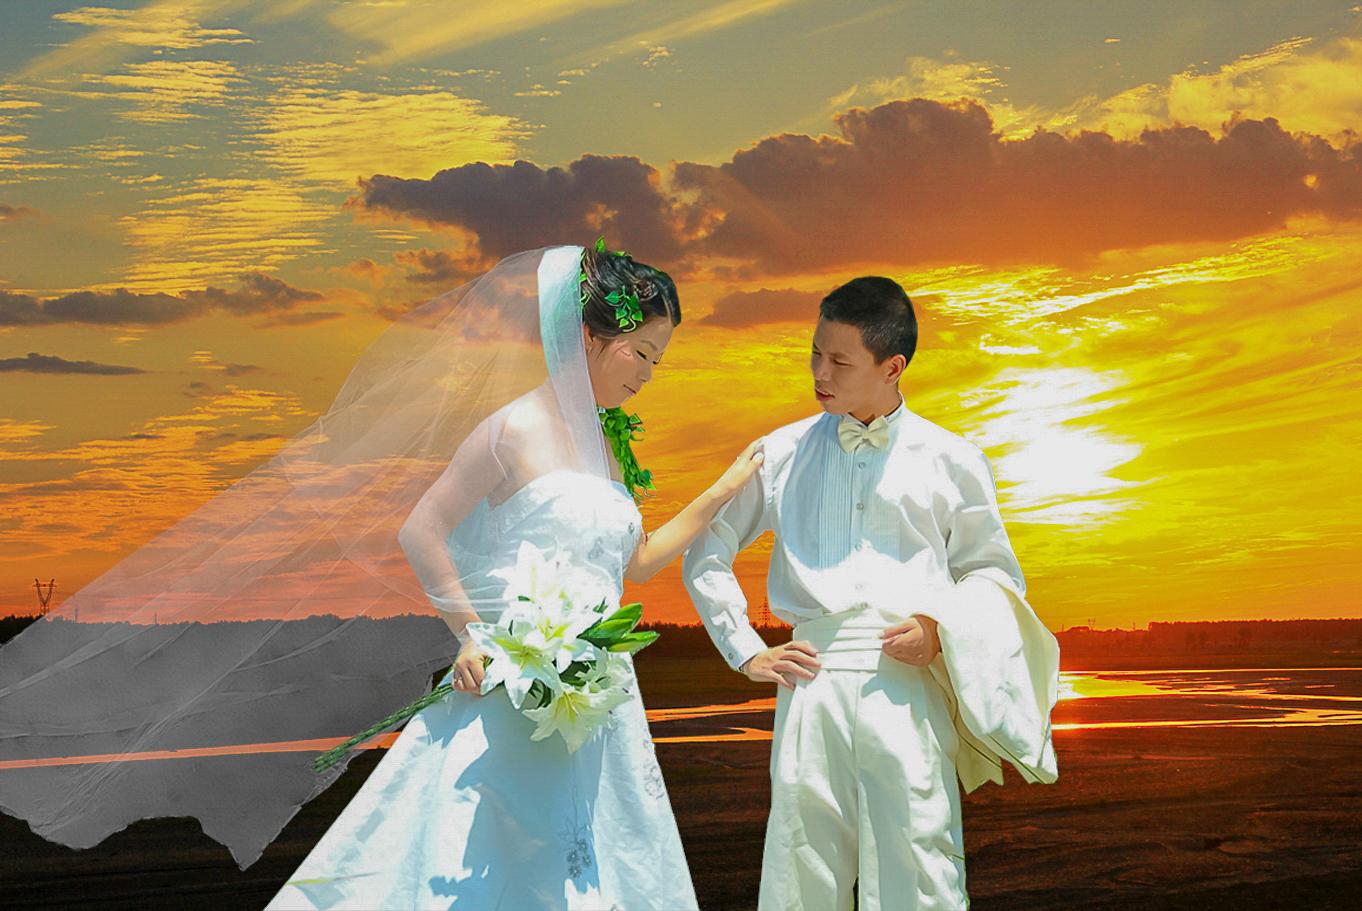 婚纱照抠图_抠图素材